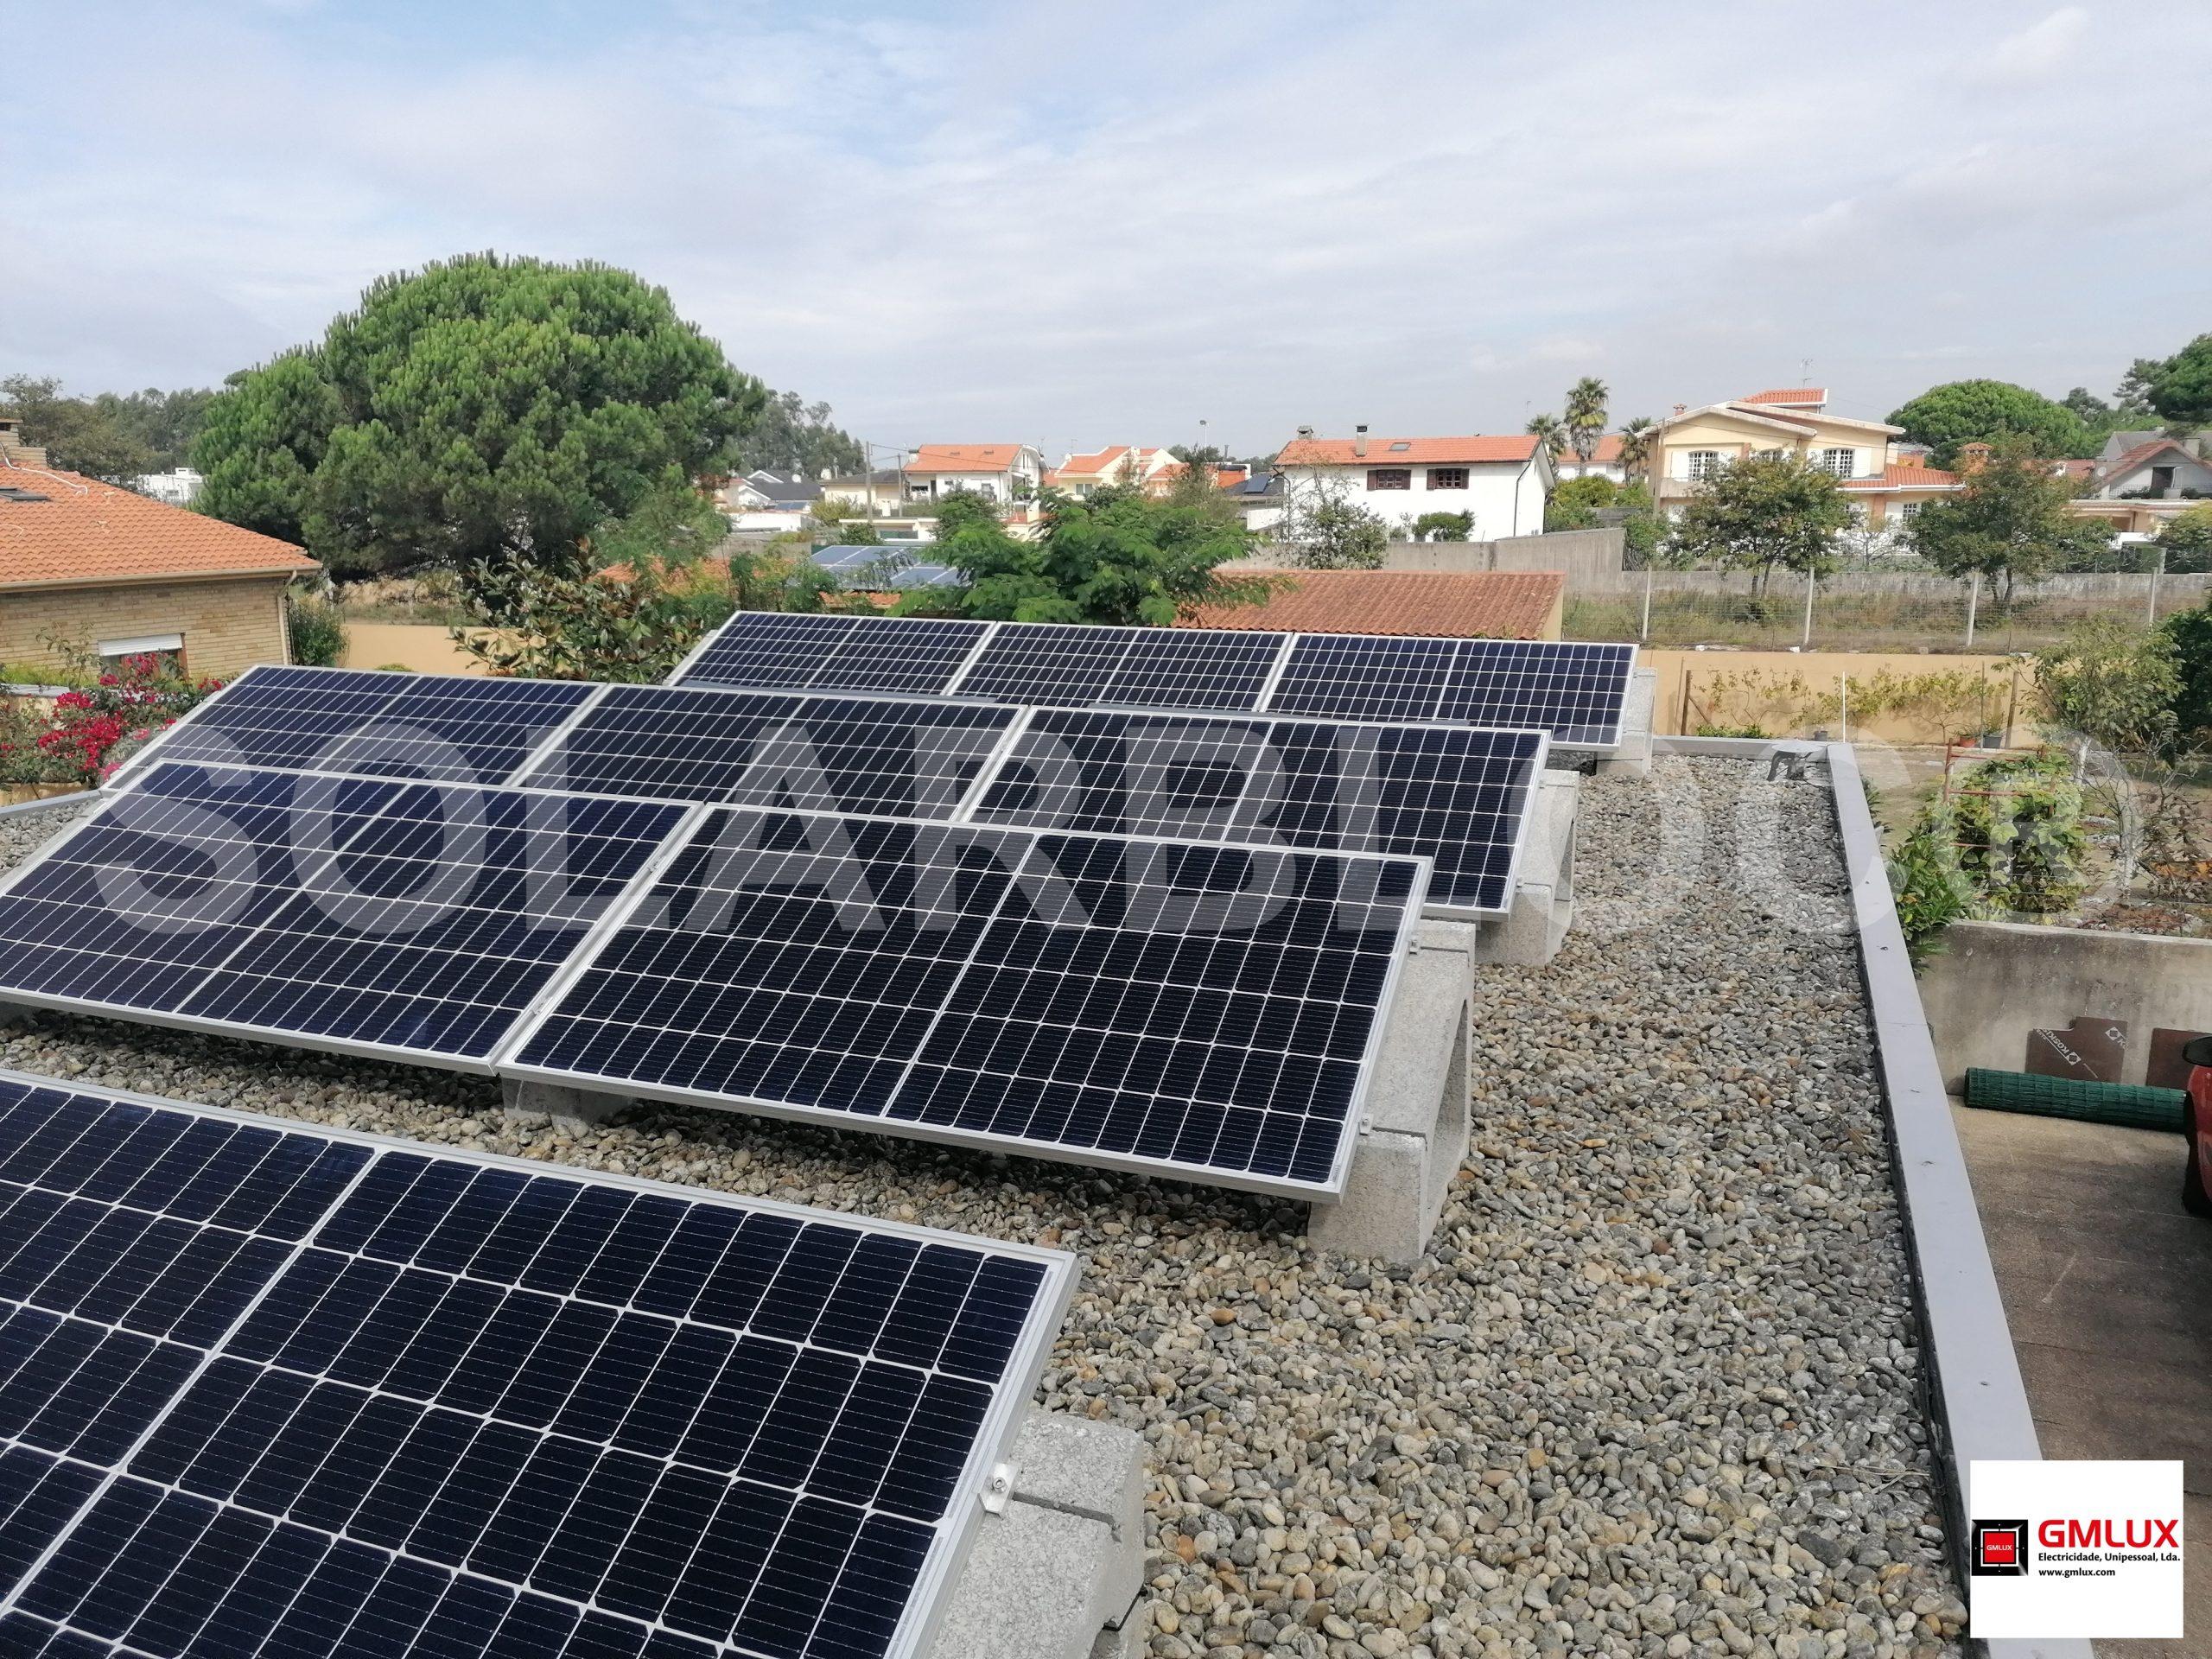 Soportes para placas solares en tejado SOLARBLOC